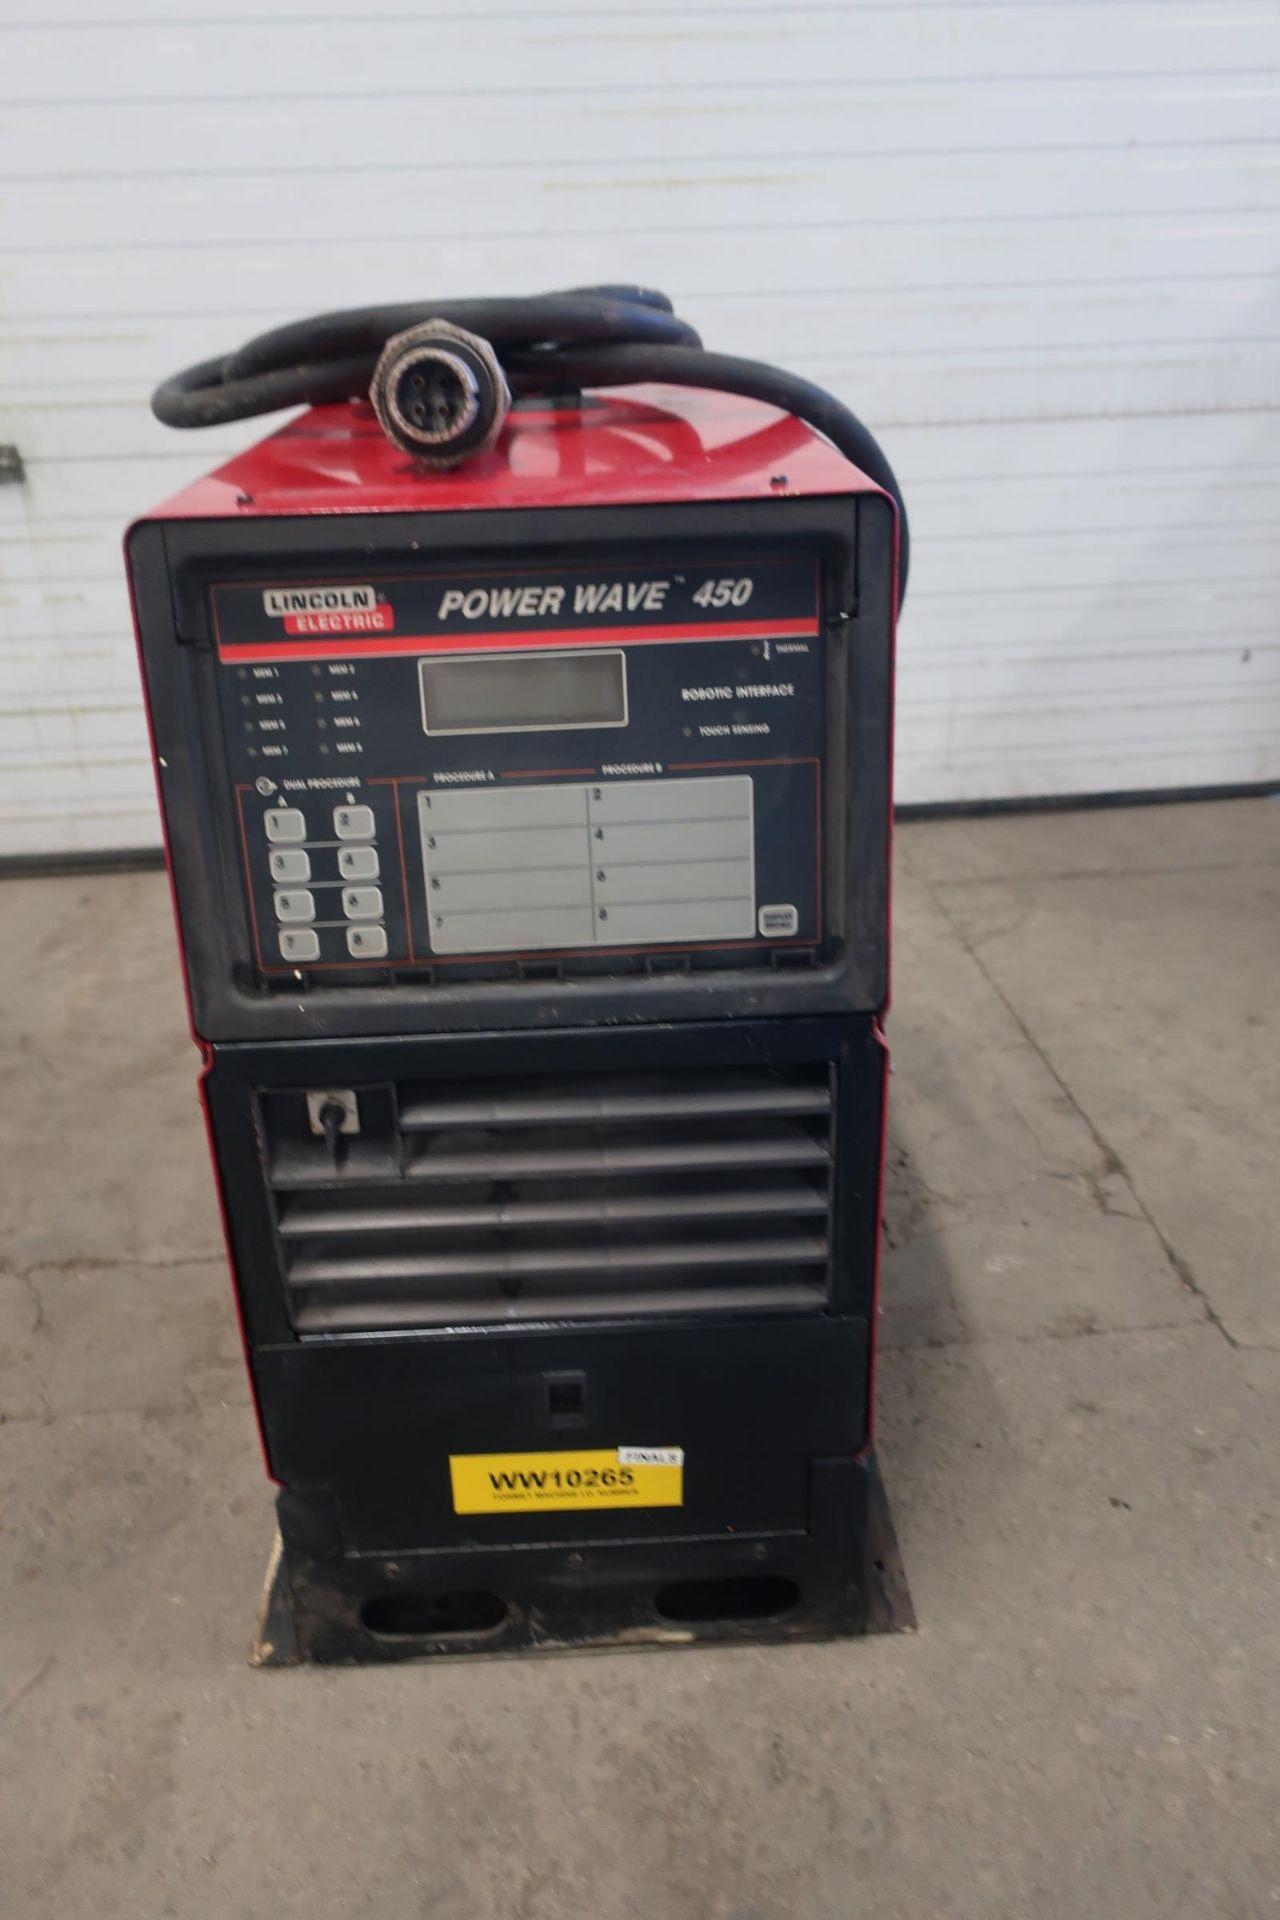 Lincoln Powerwave 450 Robotic Mig Welding Power Source - 450 amp